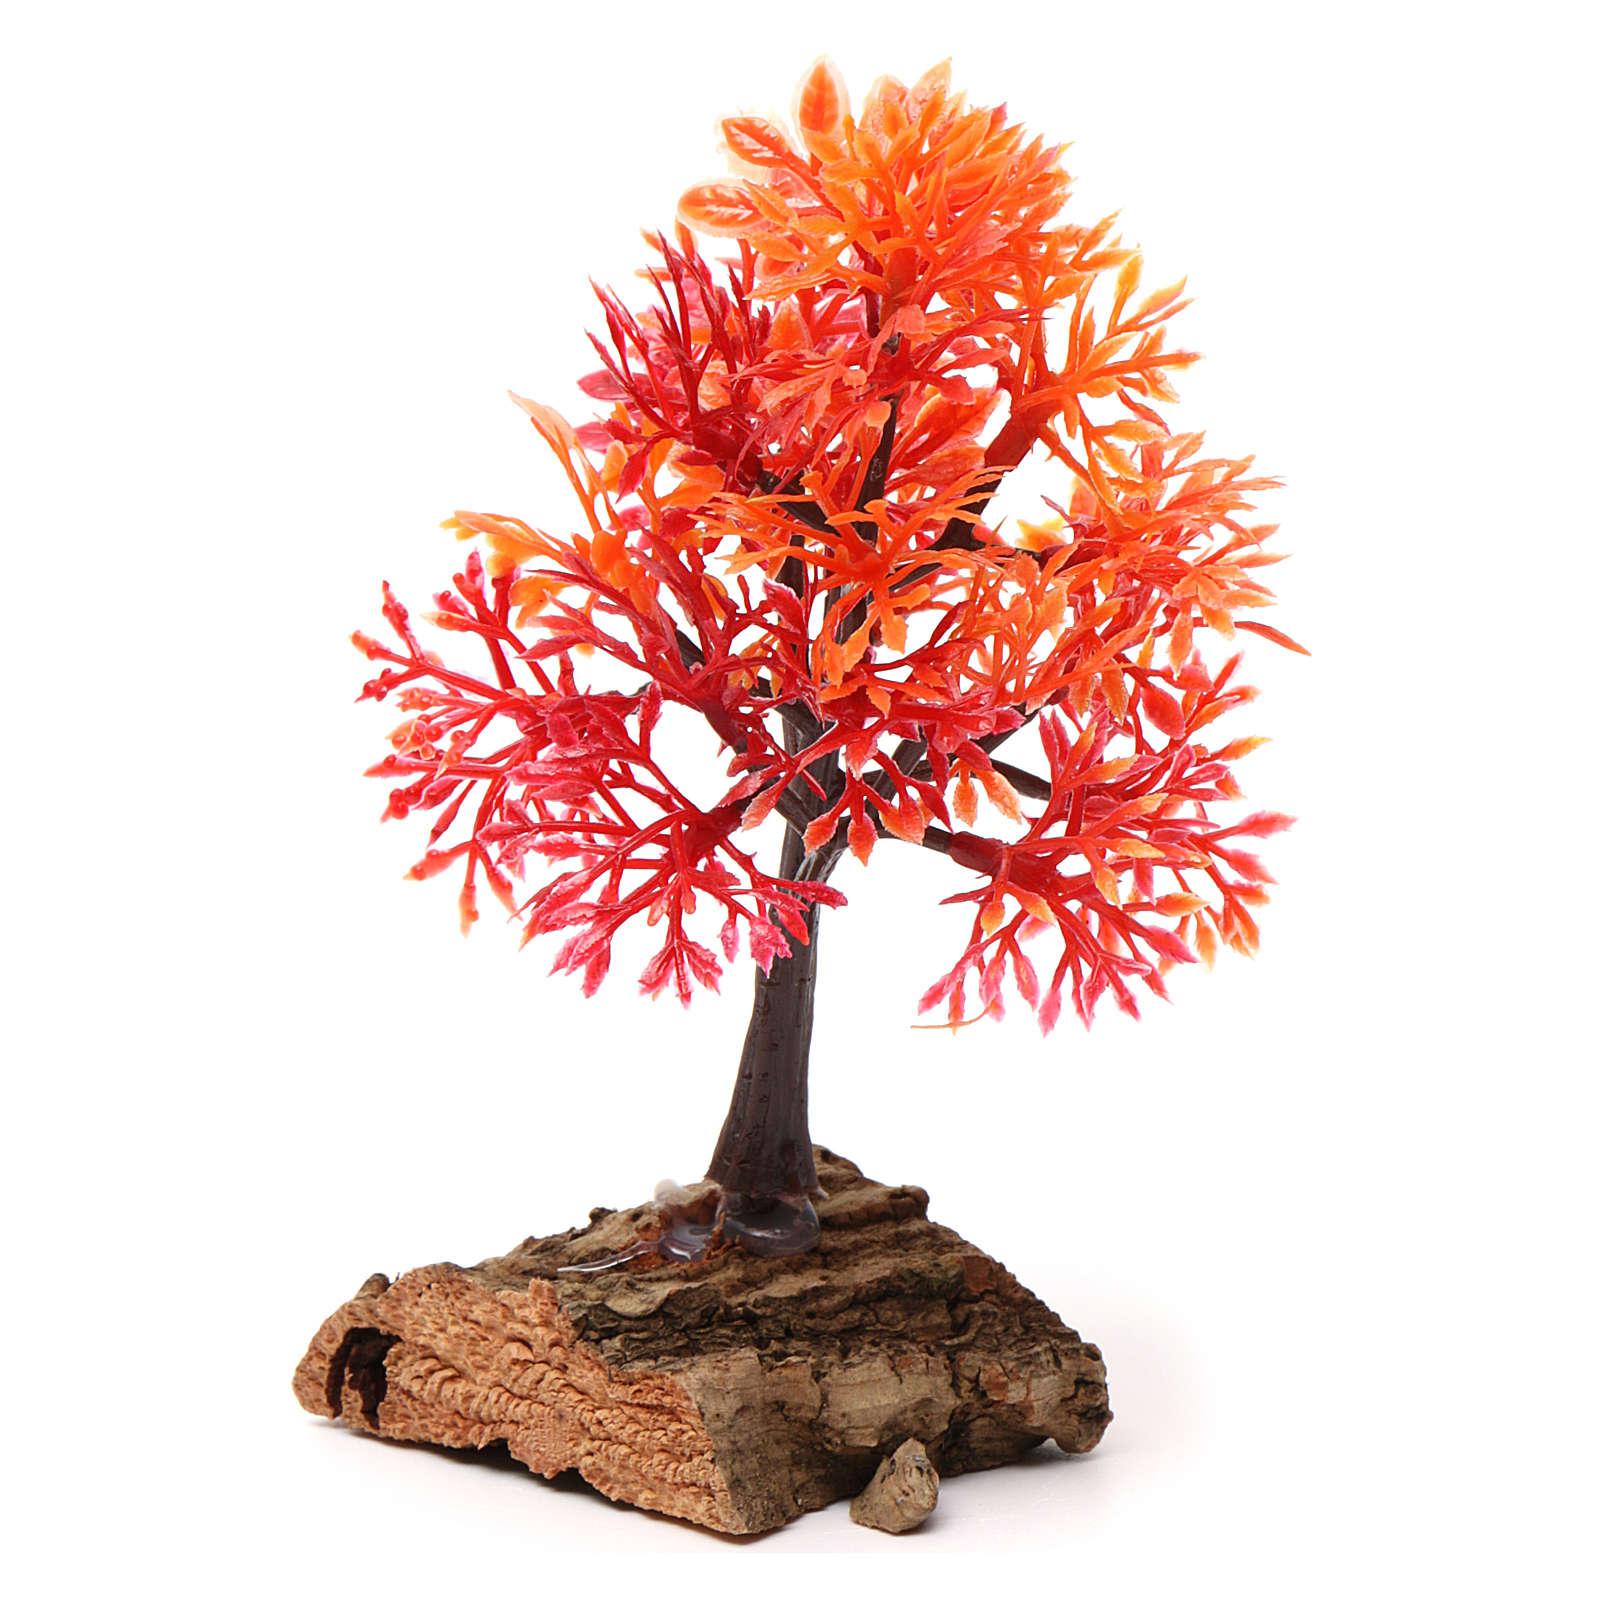 Arbre d'automne base liège pour crèche 7-10 cm 4